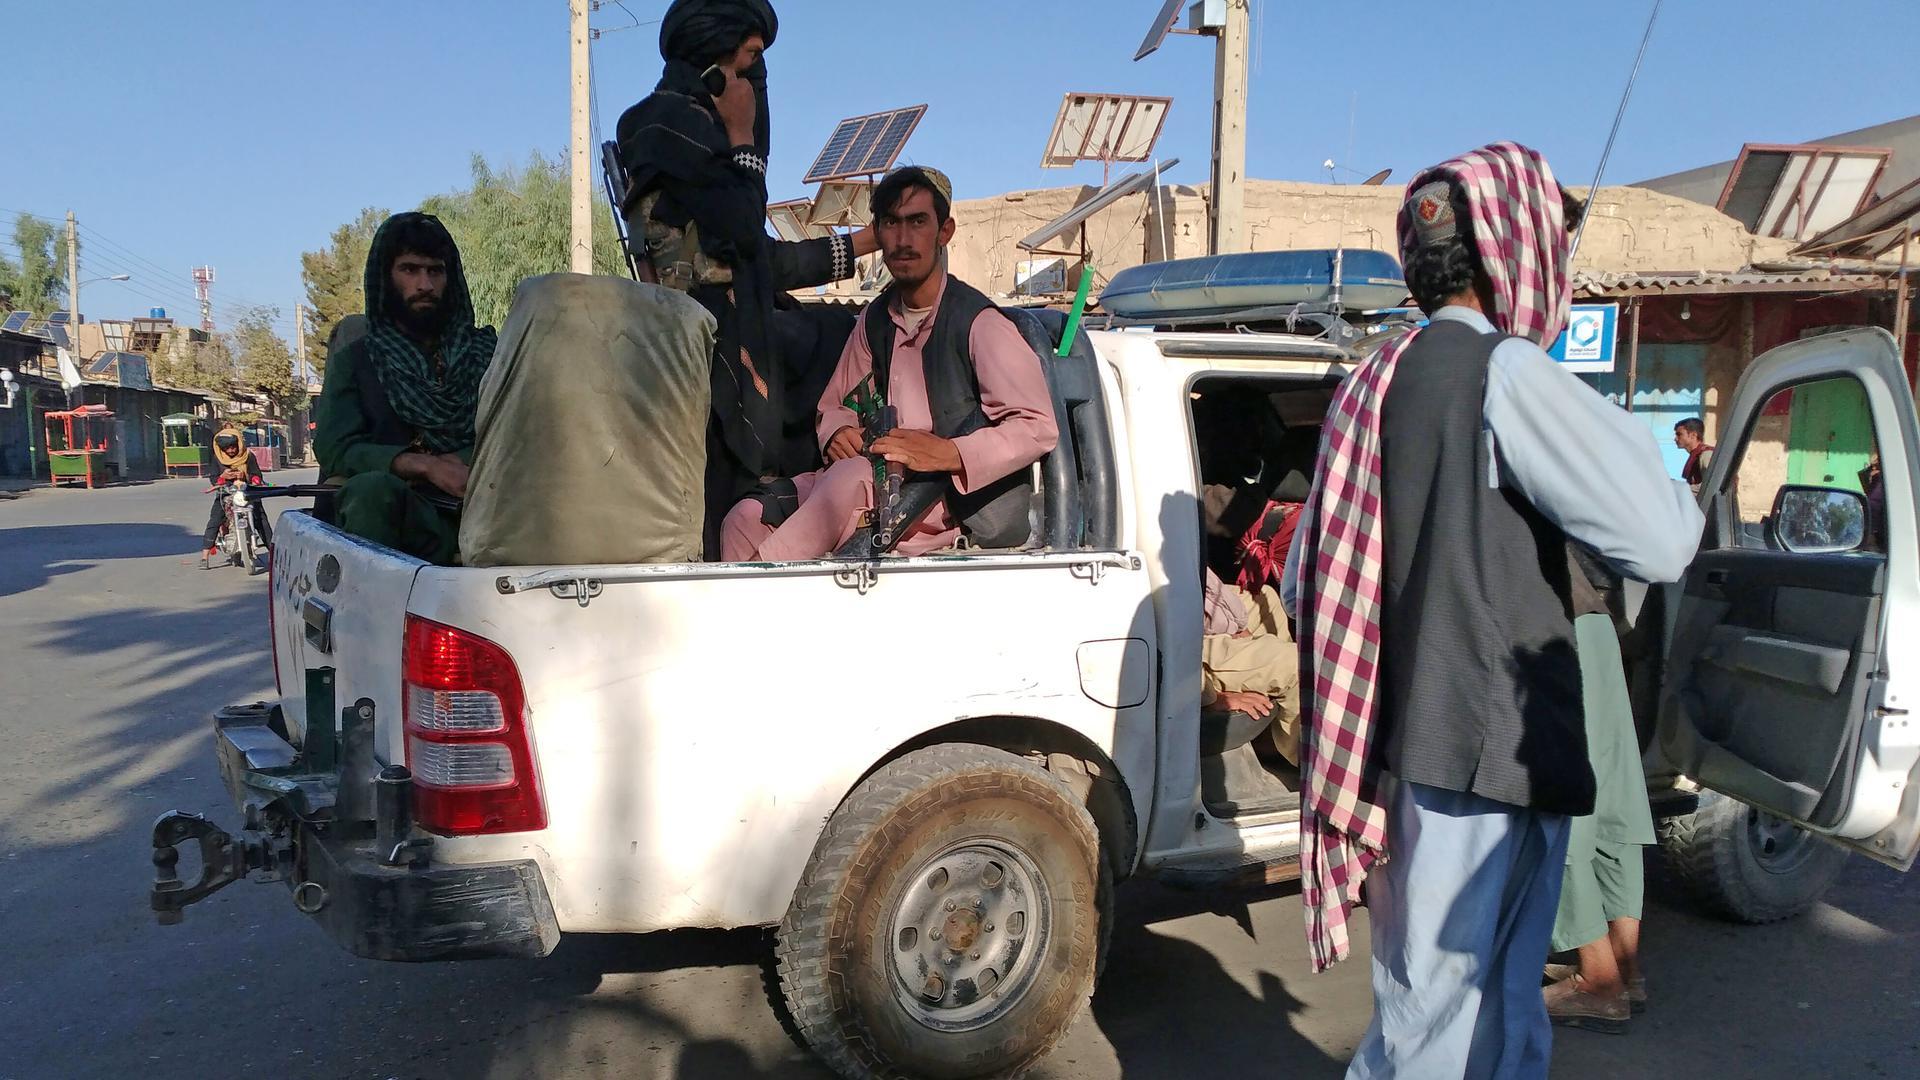 Die militant-islamistischen Taliban weiten ihren schnellen Vormarsch weiter aus. Das bereitet den USA Sorgen, die sich derzeit um die Ausreise ihrer Botschaftsmitarbeiter kümmert.